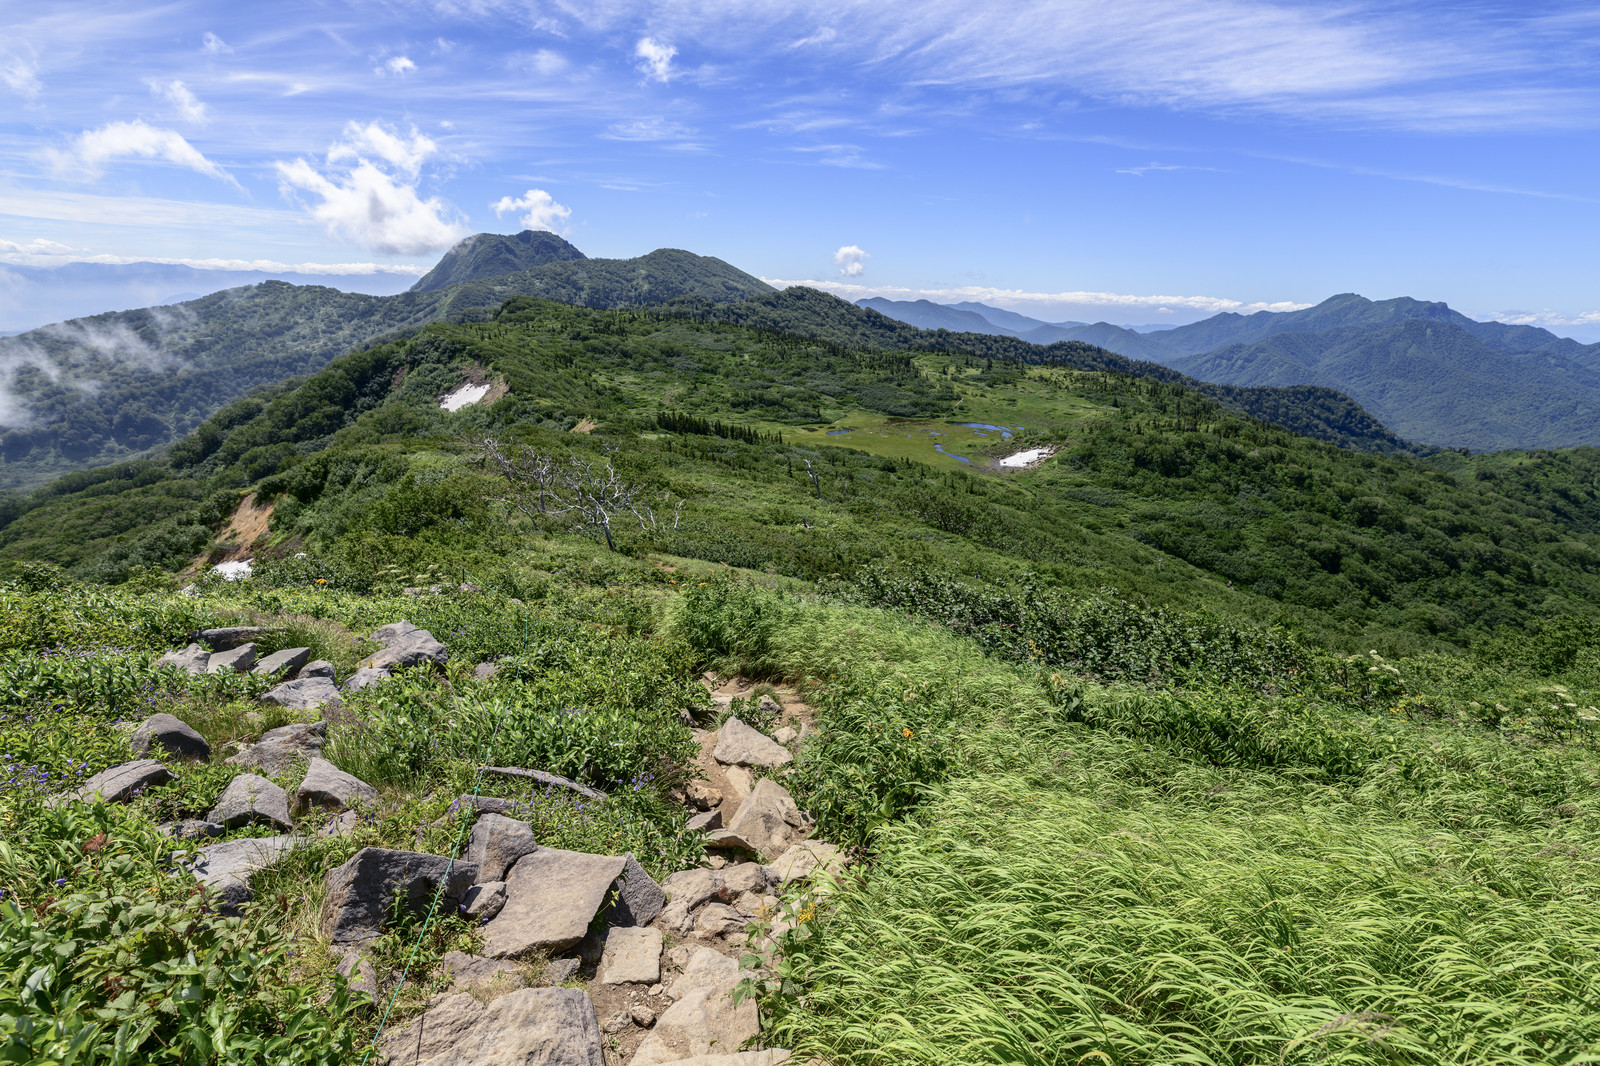 「火打山稜線から見える妙高山(みょうこうさん)」の写真